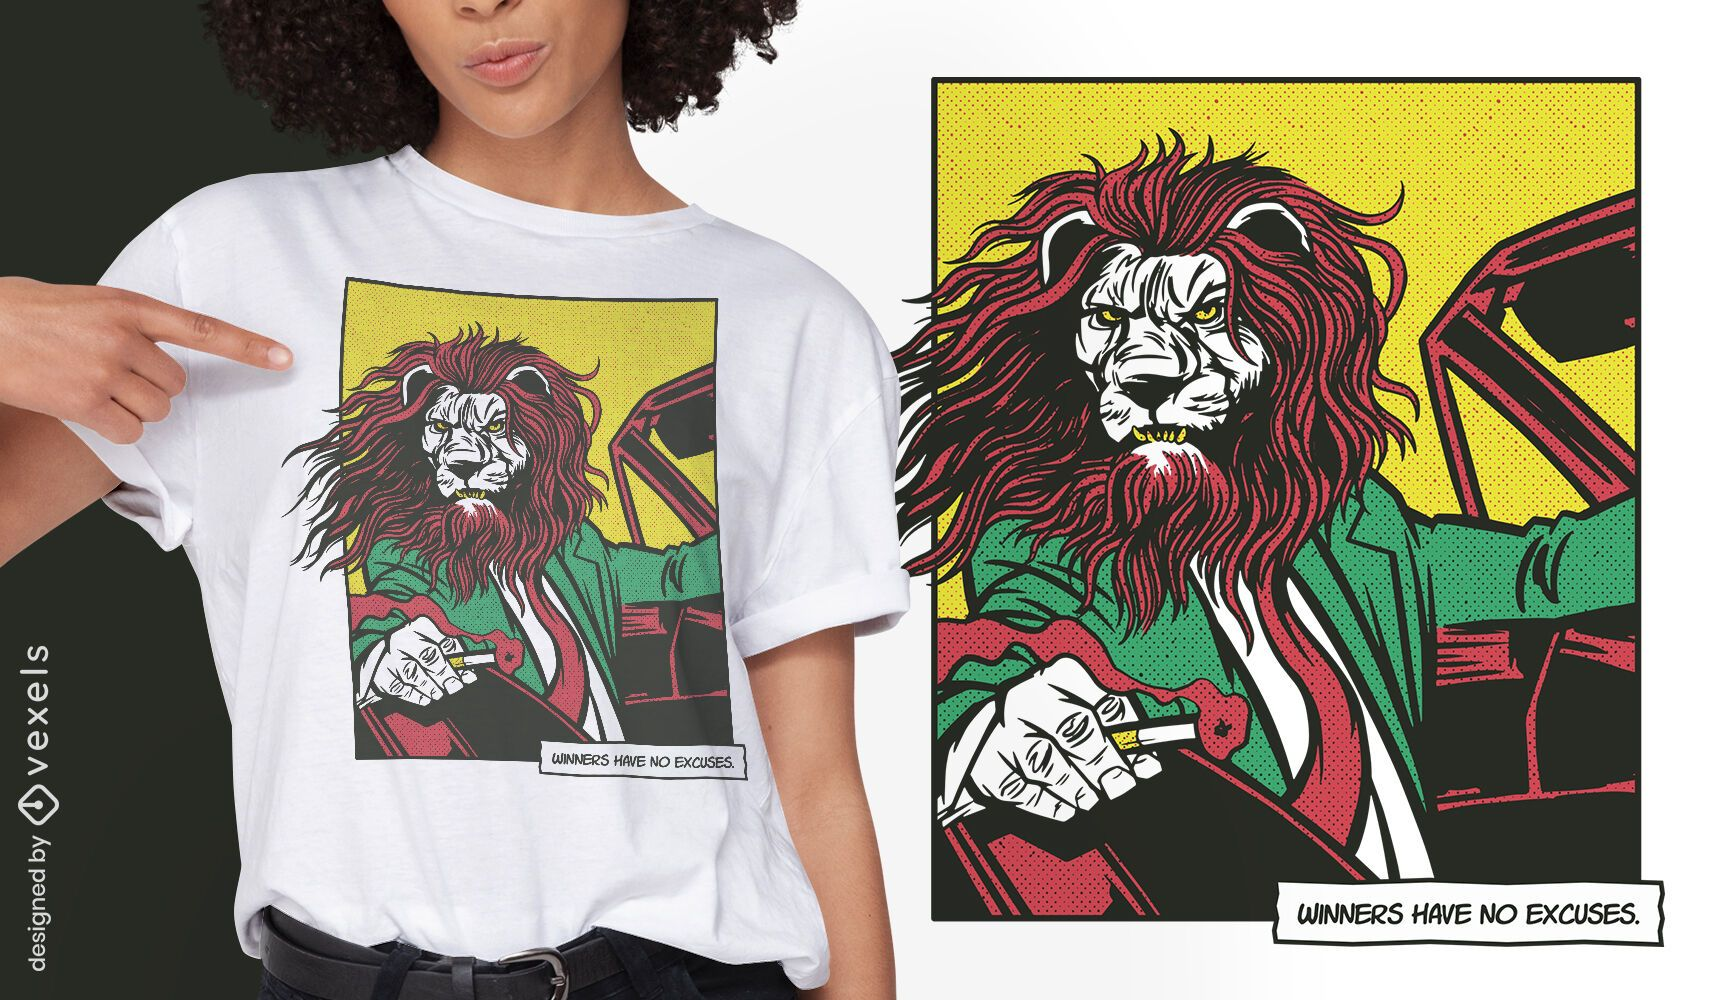 Leão dirigindo design de camiseta em quadrinhos de animais